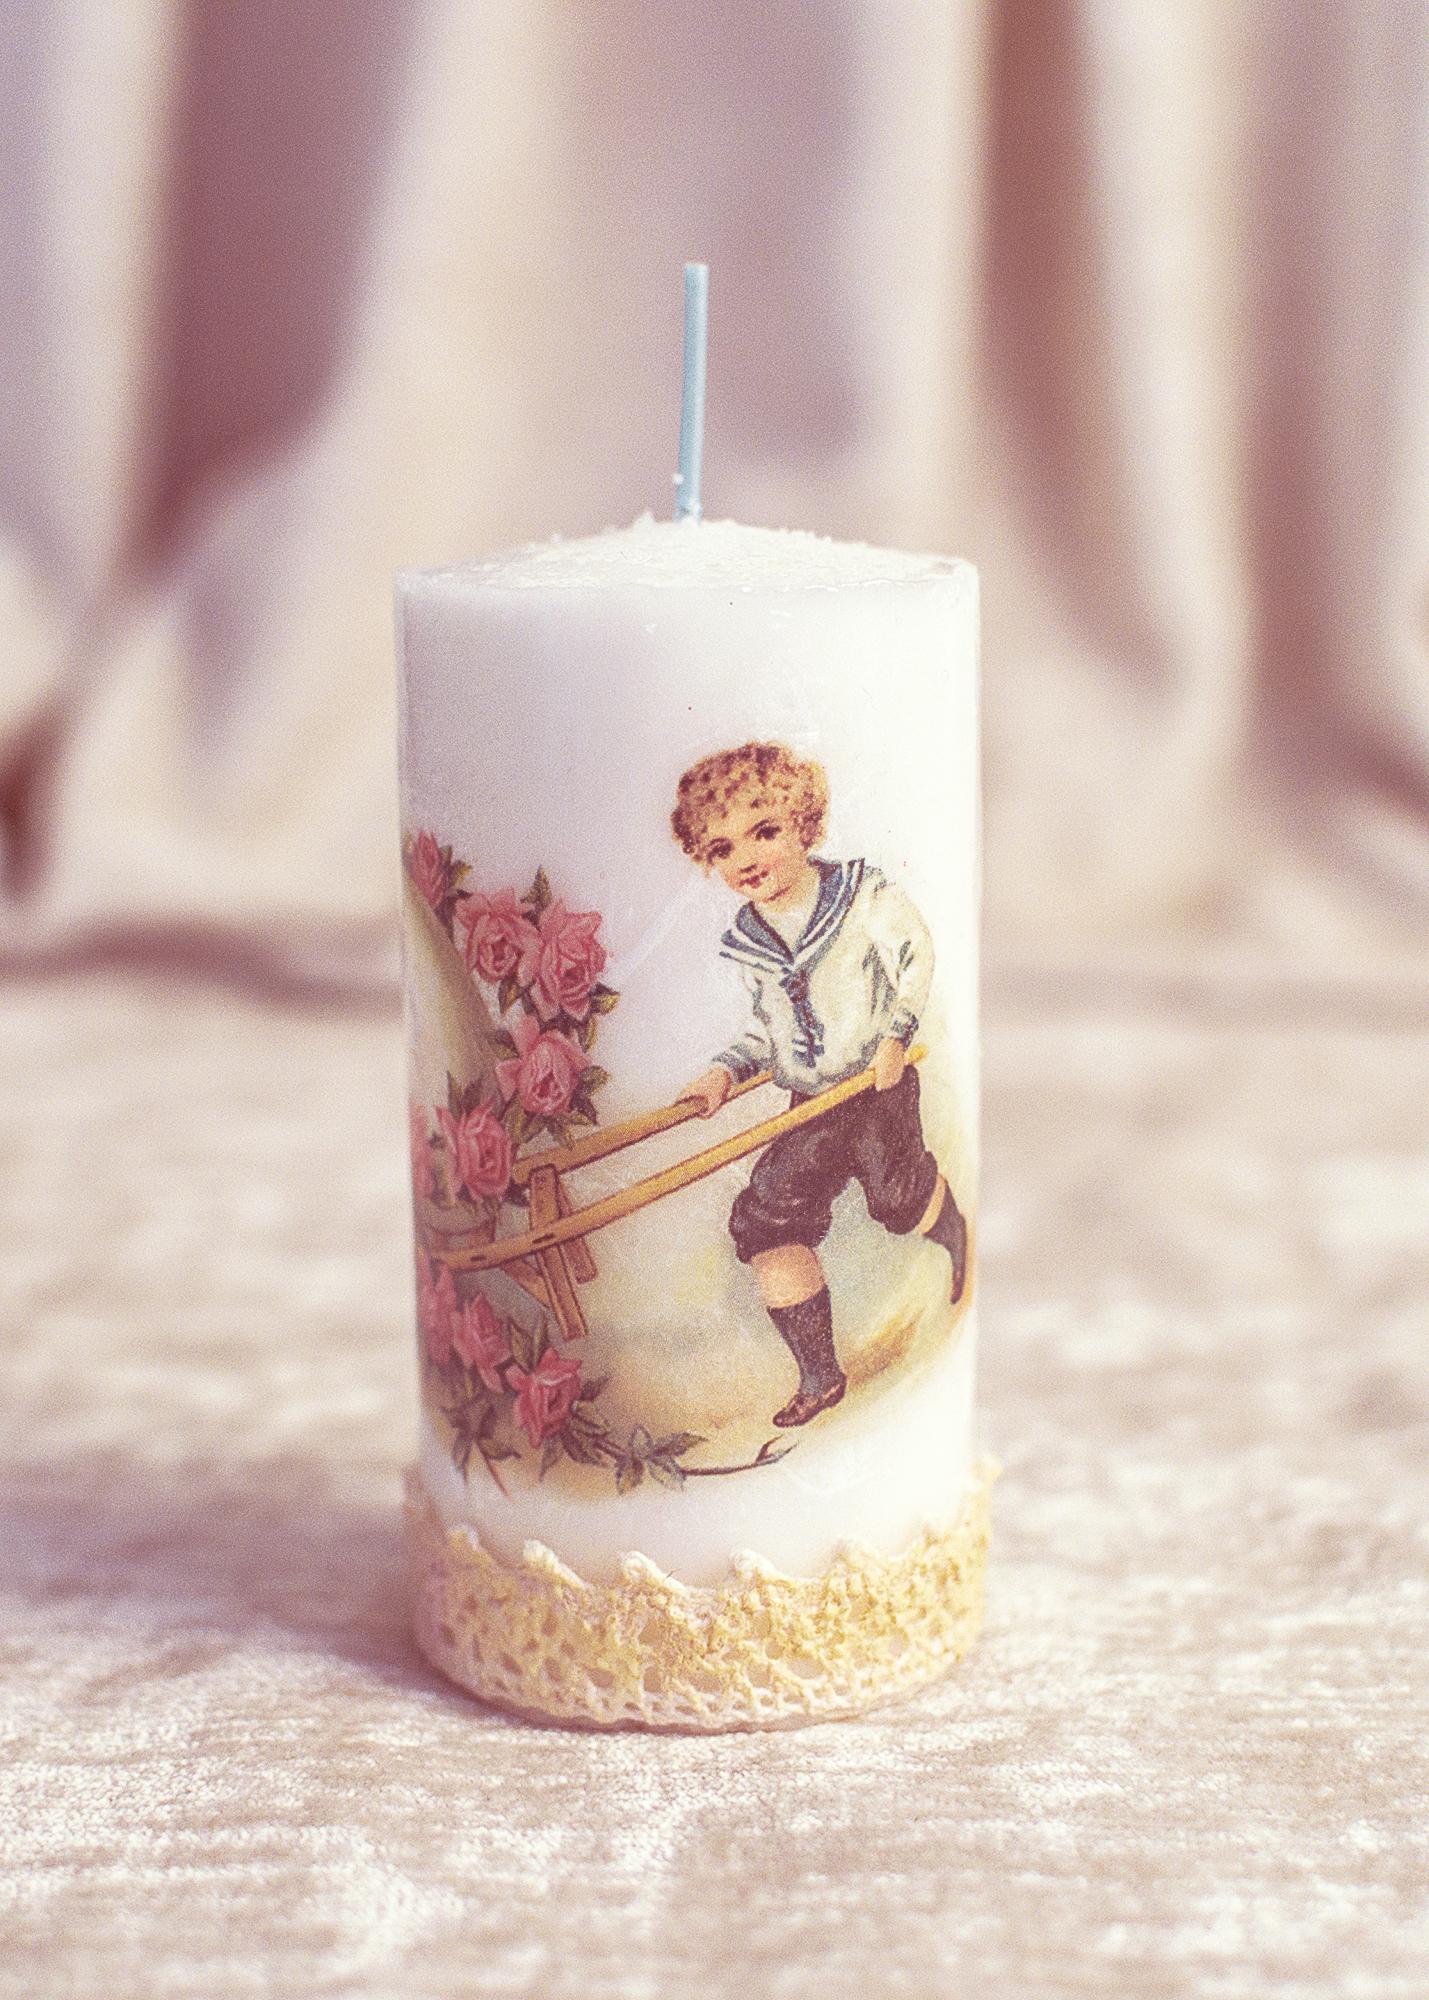 Lumanare Decorativa De Paste Cu Baietel Vintage :)